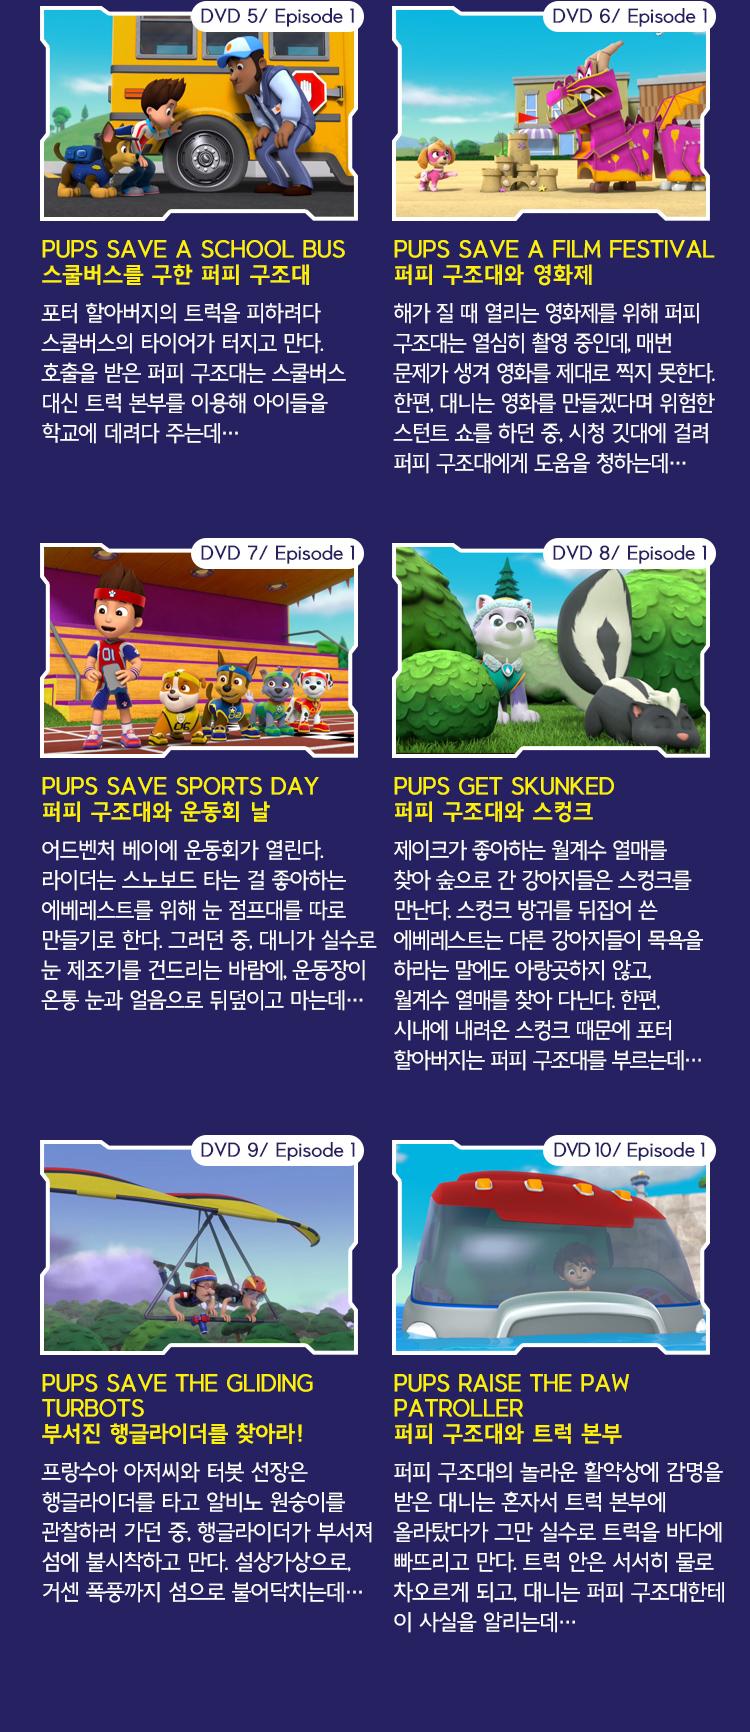 Paw Patrol DVD 3집 에피소드 엿보기 2